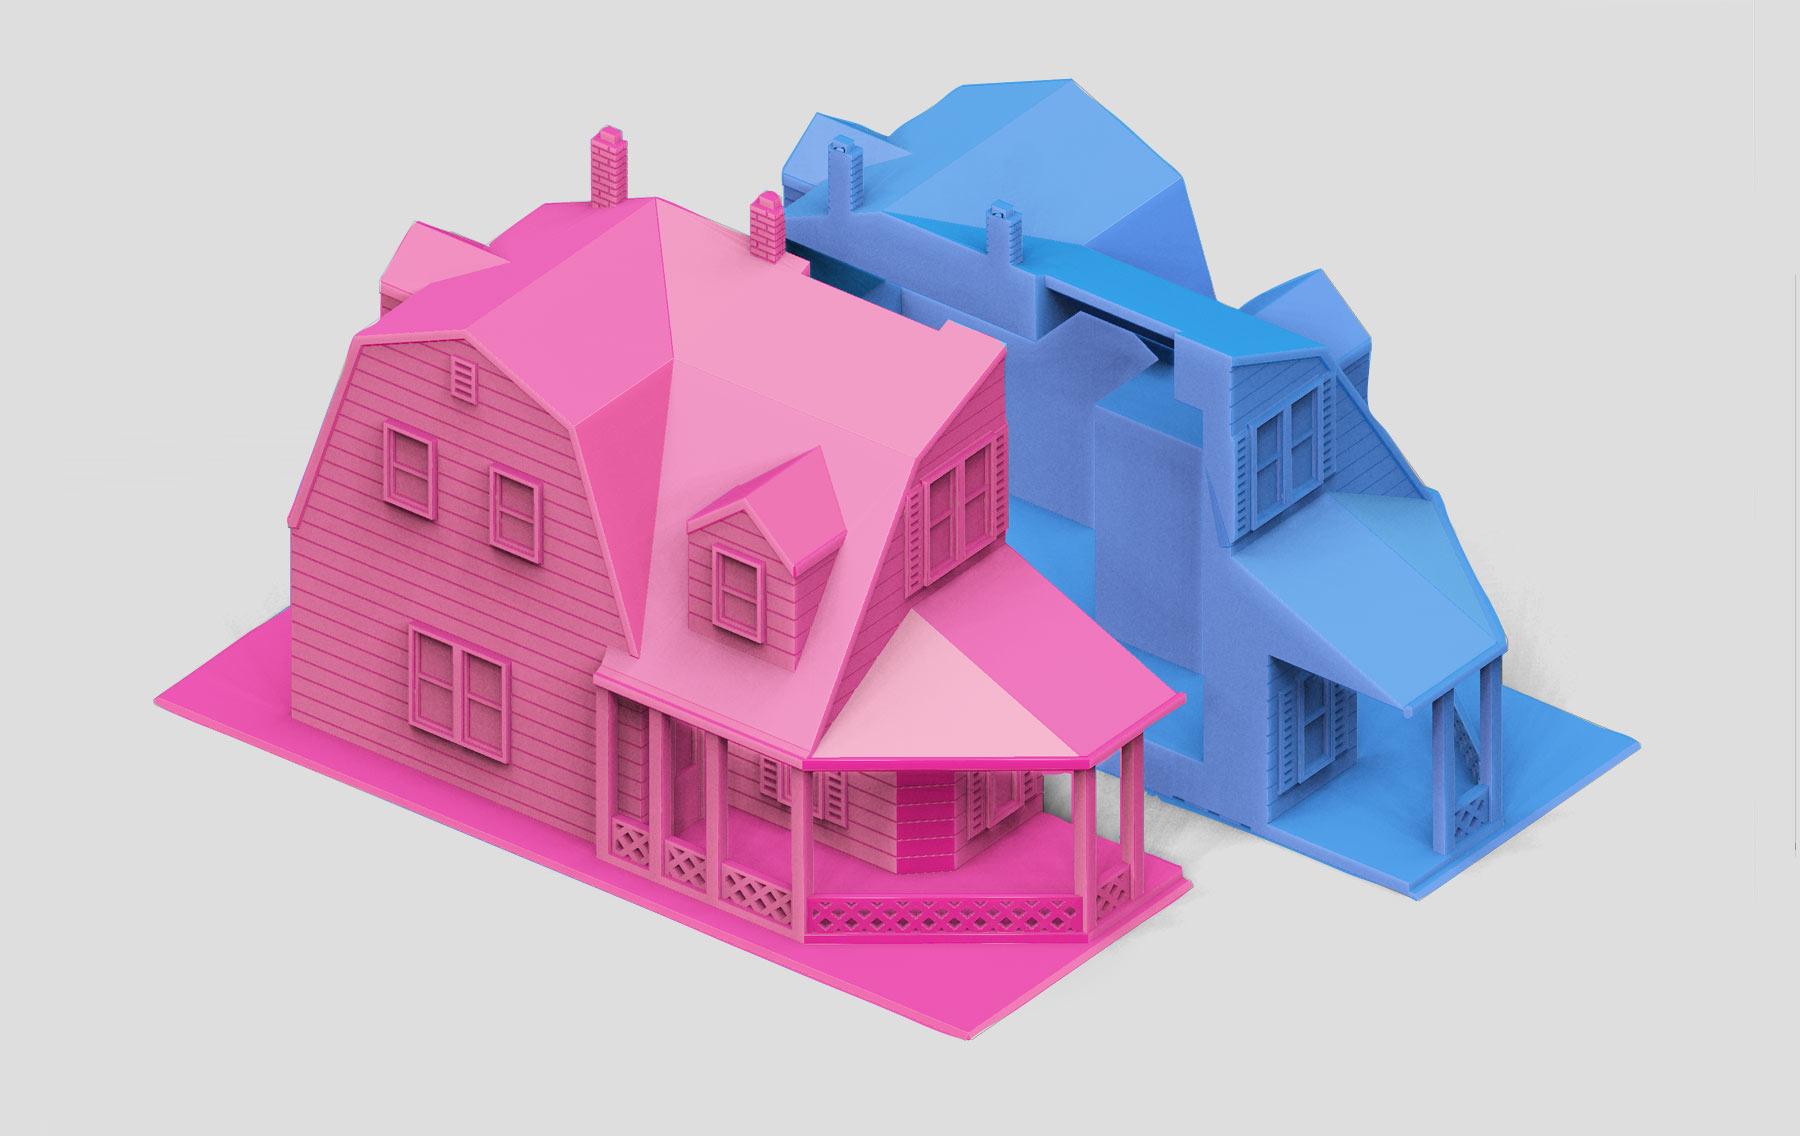 Раздел имущества при разводе: как делить имущество и как осуществляется бракоразводный процесс, если необходим раздел